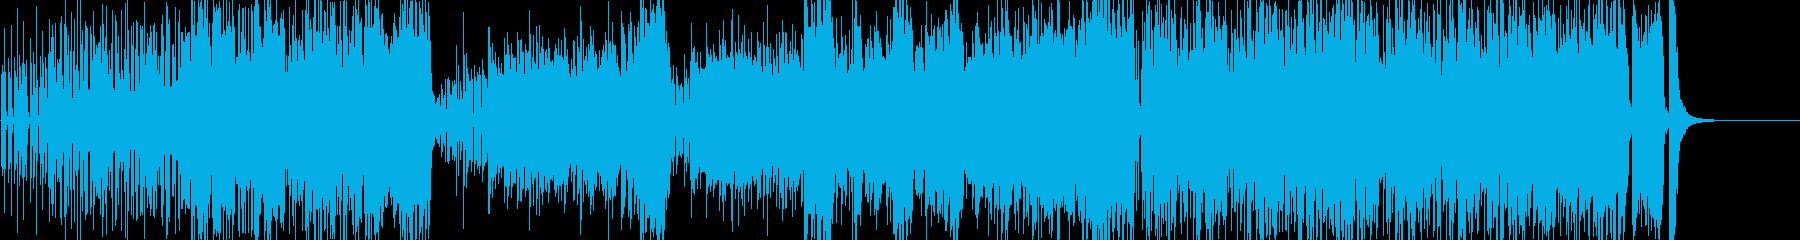 ノリノリなジャズの再生済みの波形